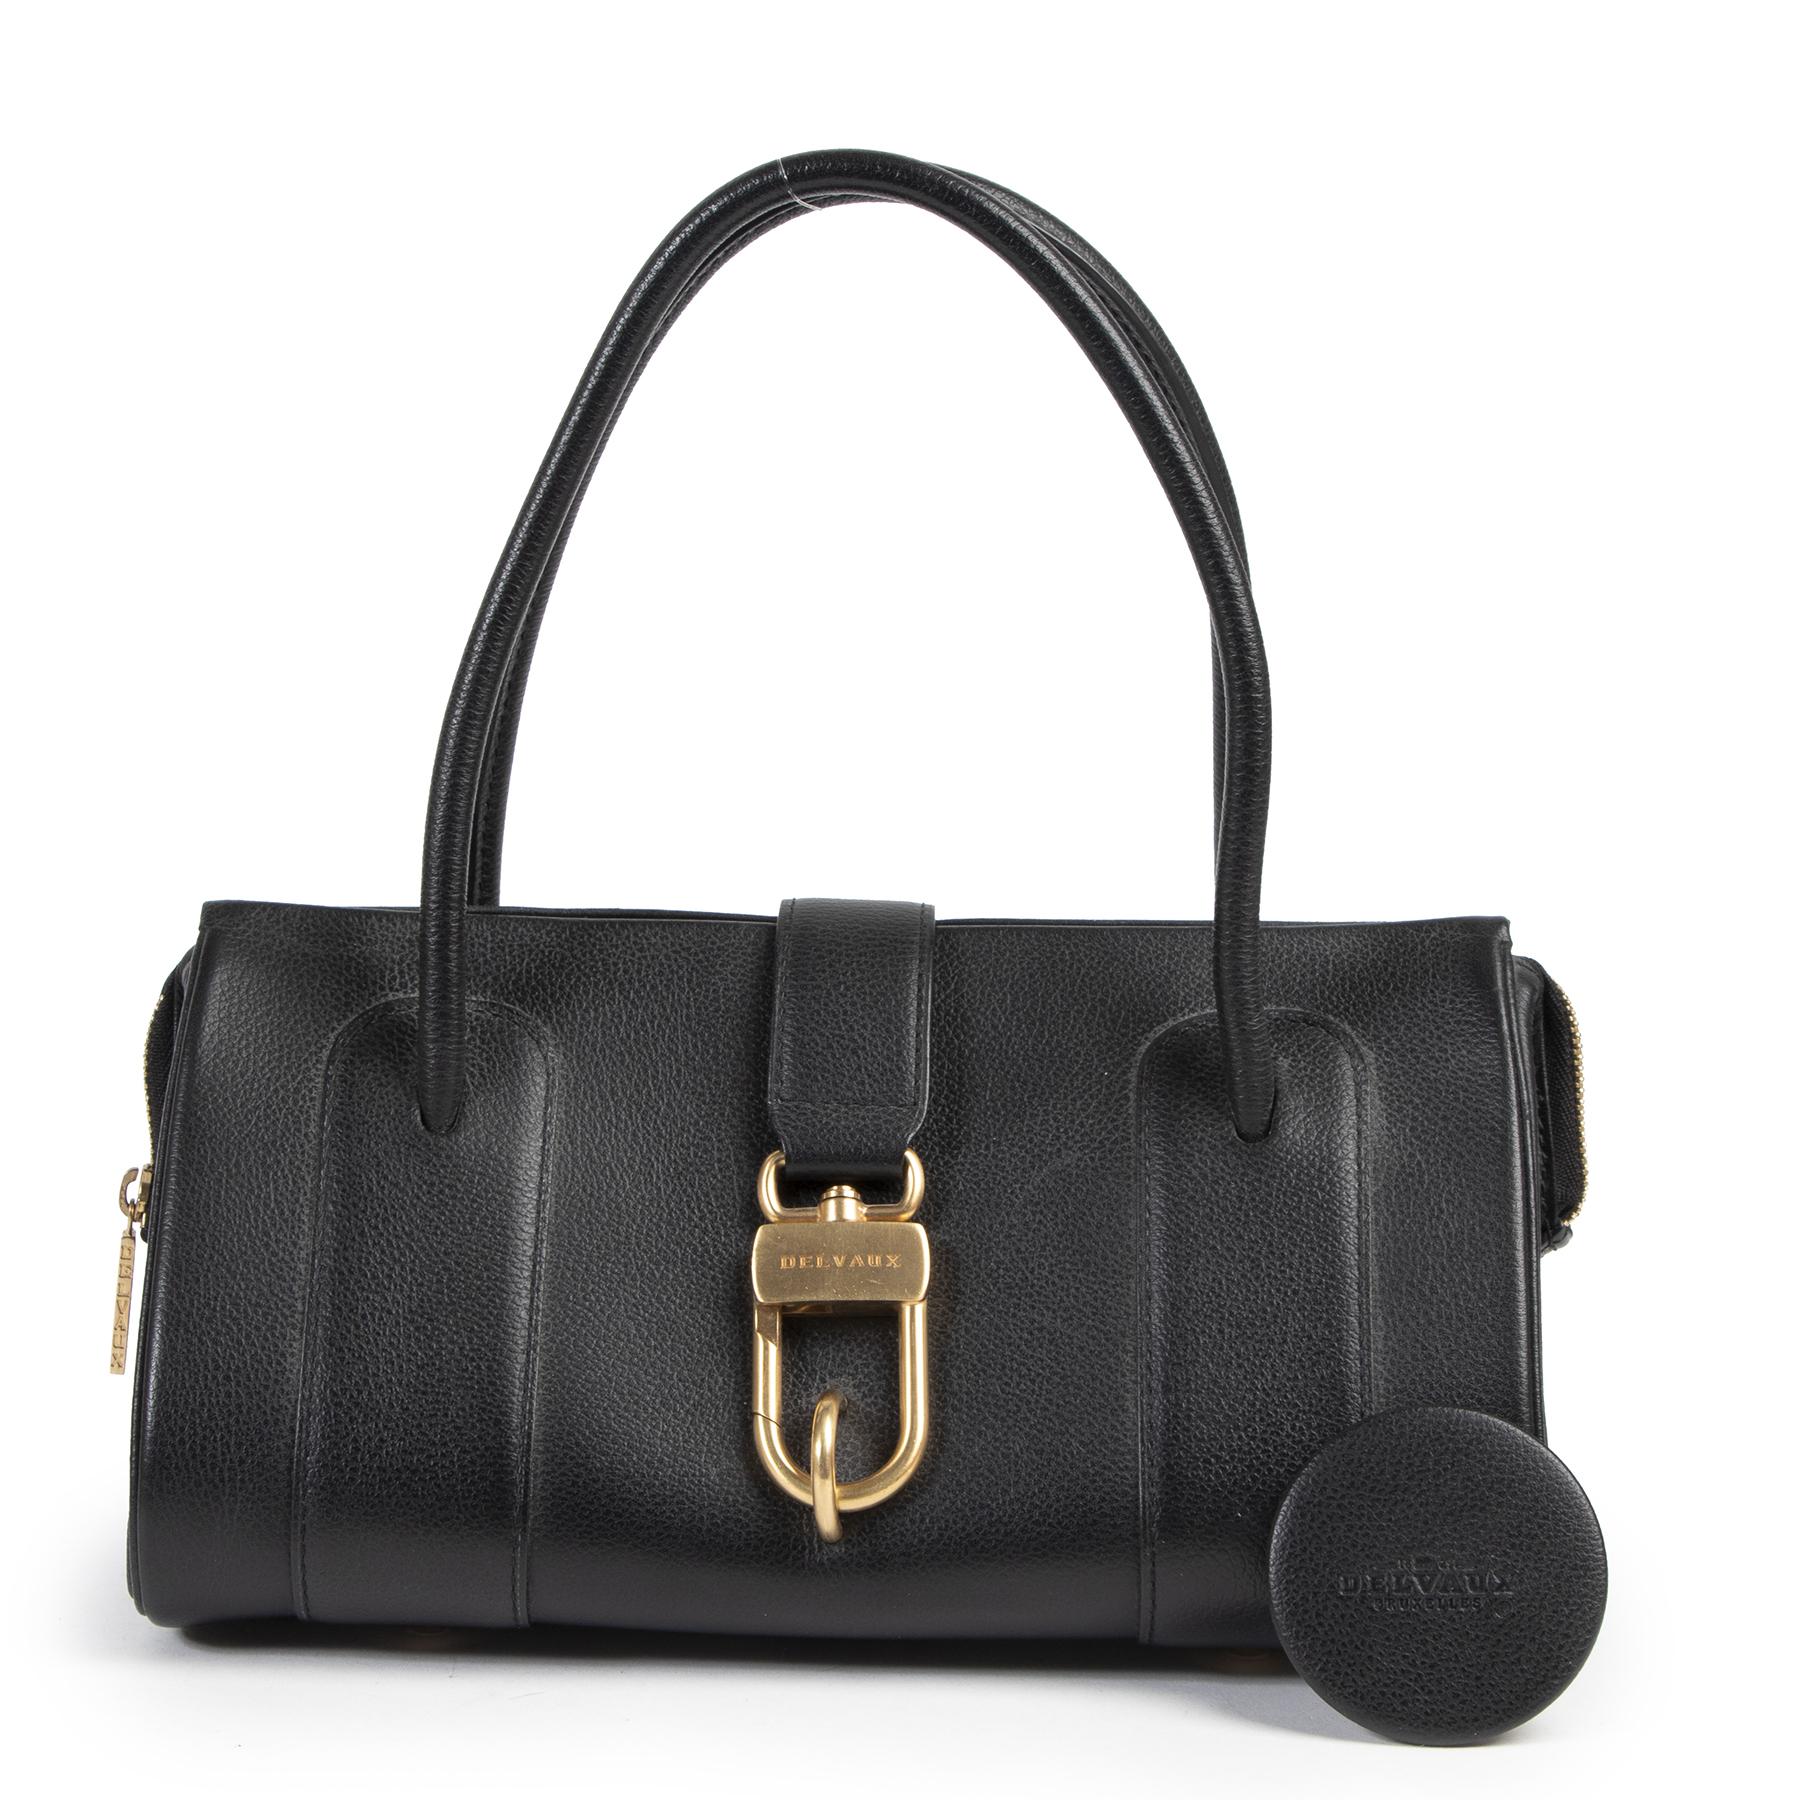 Delvaux Black Top Handle Bag kopen en verkopen aan de beste prijs bij Labellov tweedehands luxe